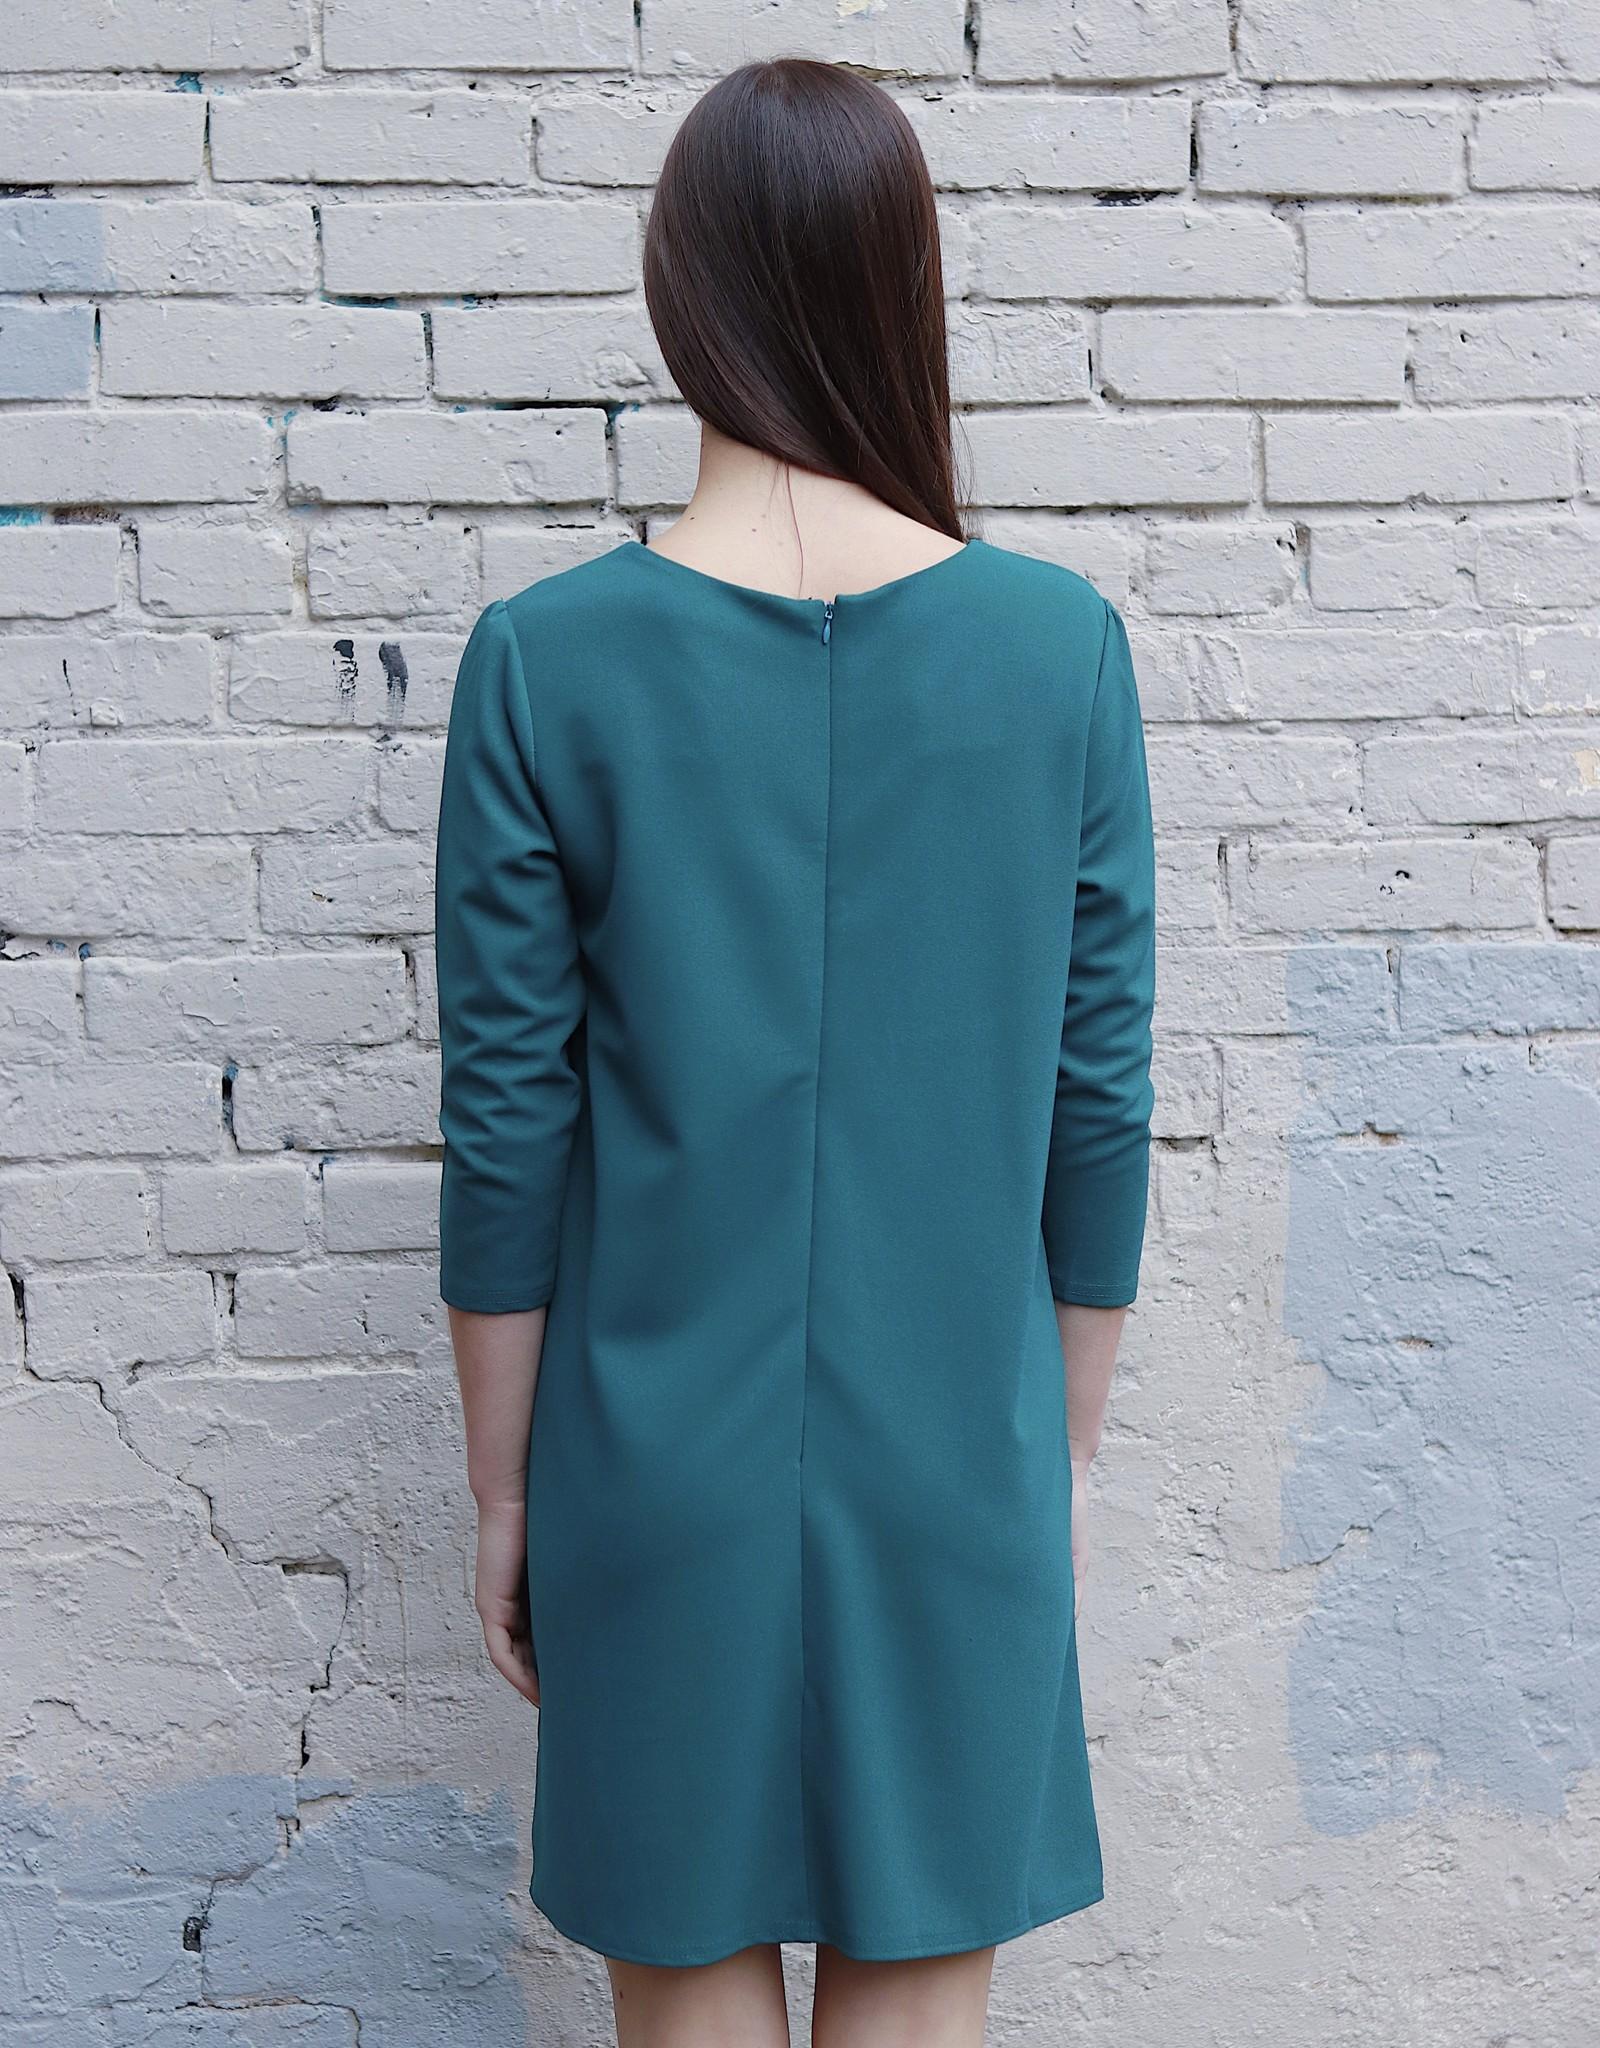 HUSH + SHOUT 3/4 Sleeve knit dress w/ pockets